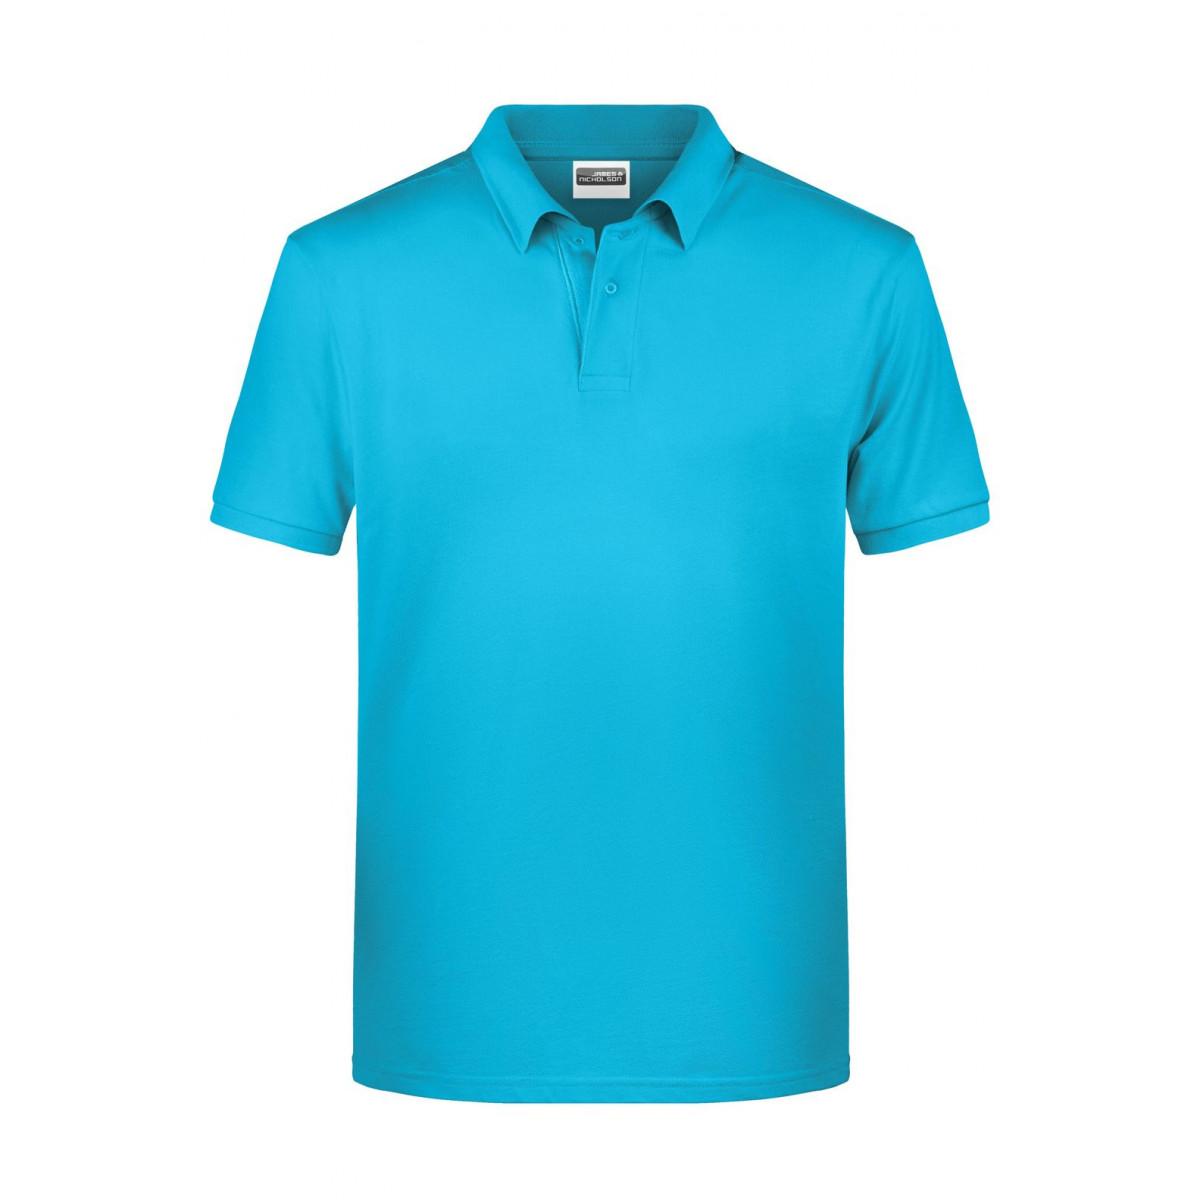 Рубашка поло мужская 8010 Mens Basic Polo - Бирюзовый